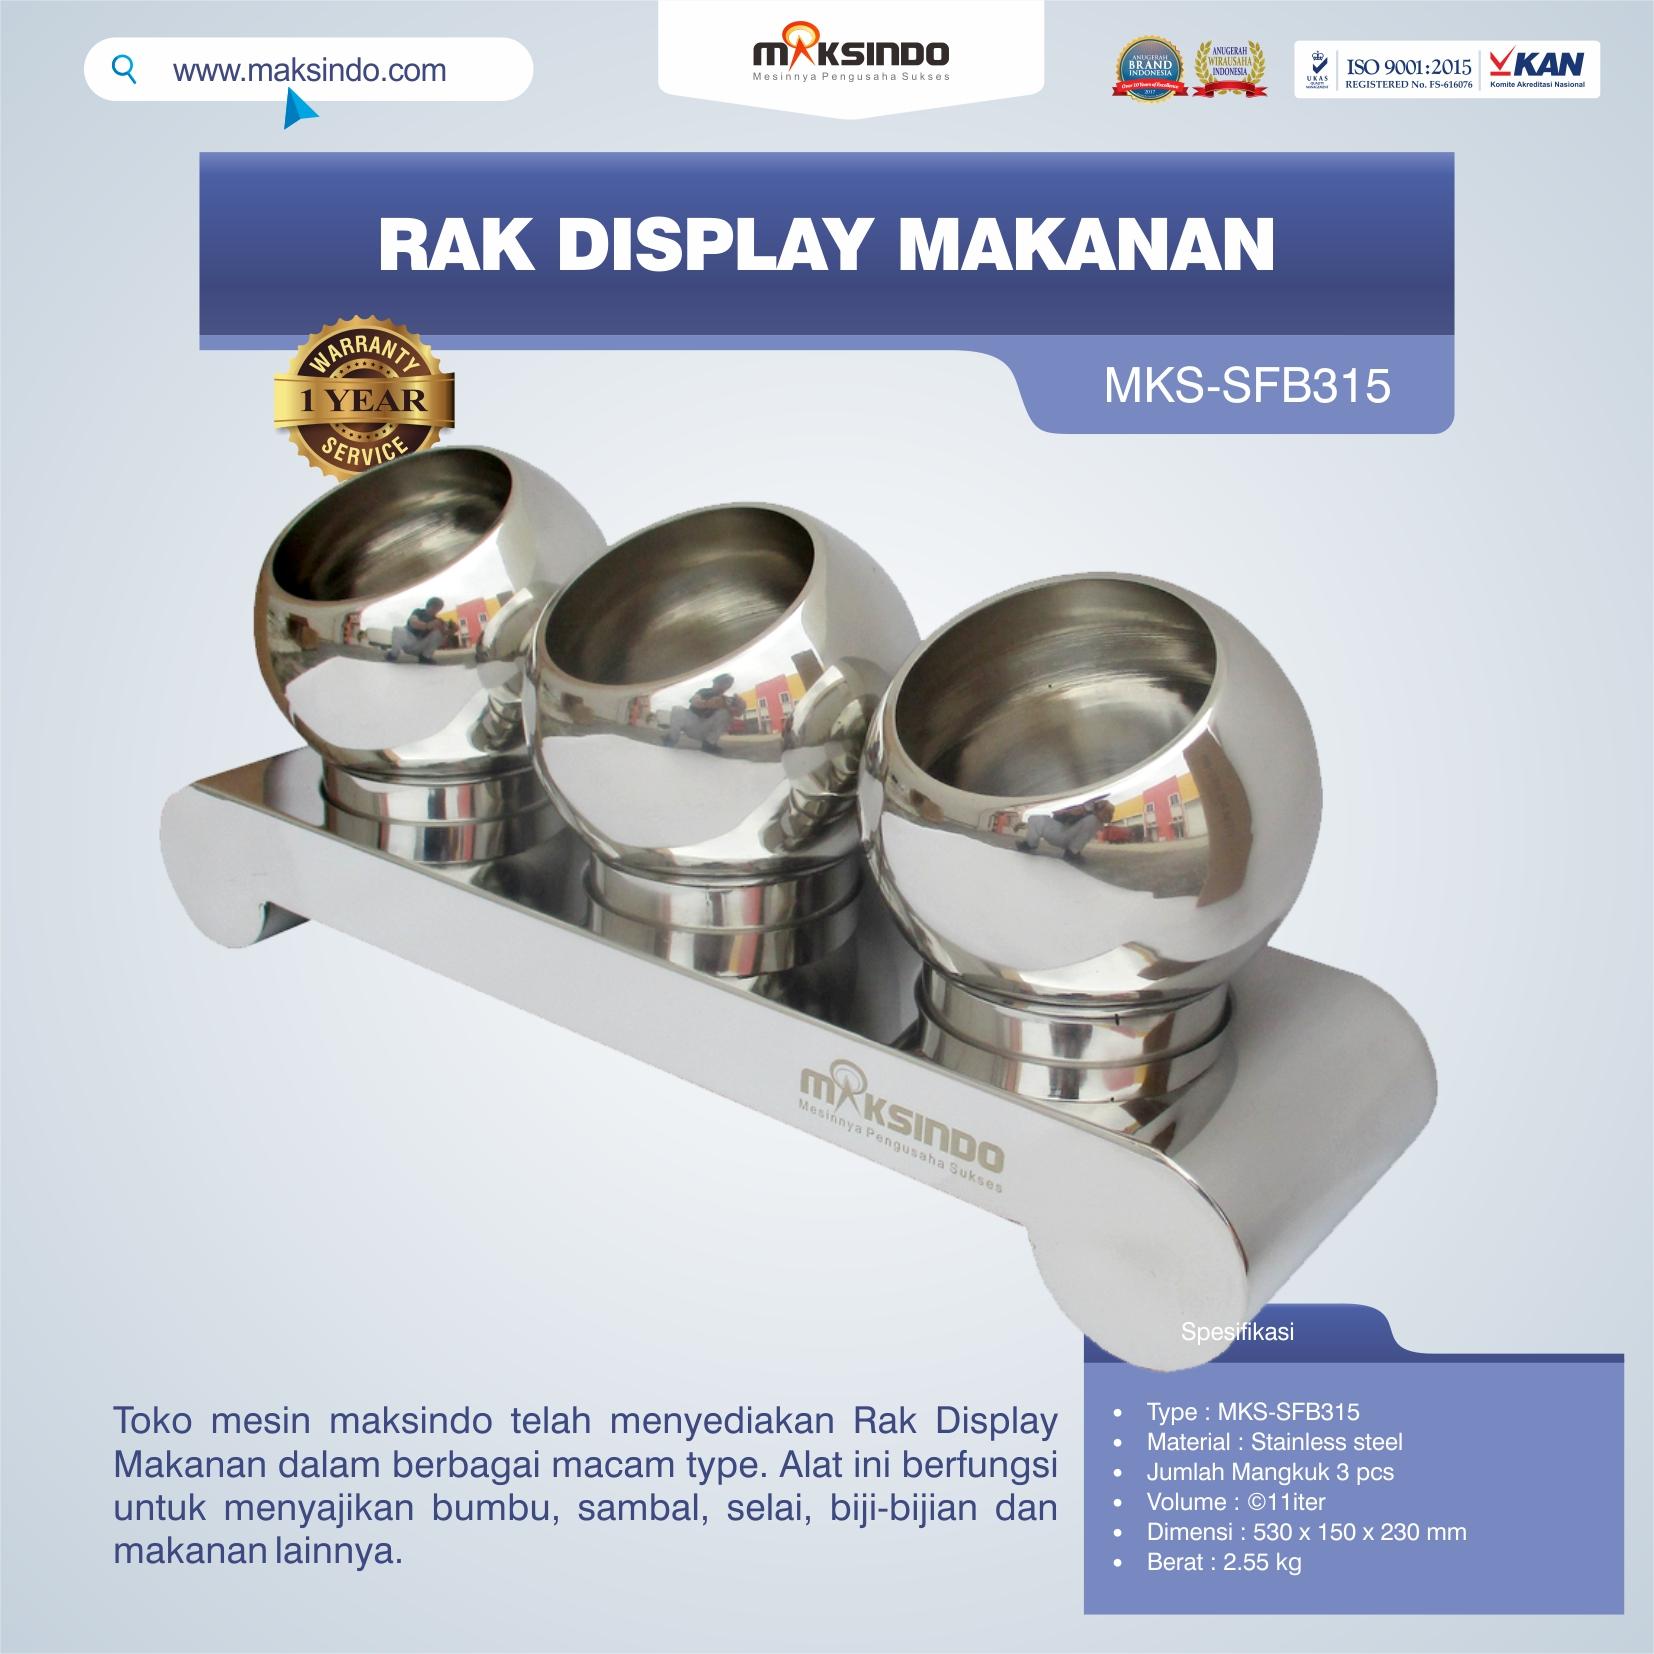 Jual Rak Display Makanan MKS-SFB315 di Jakarta